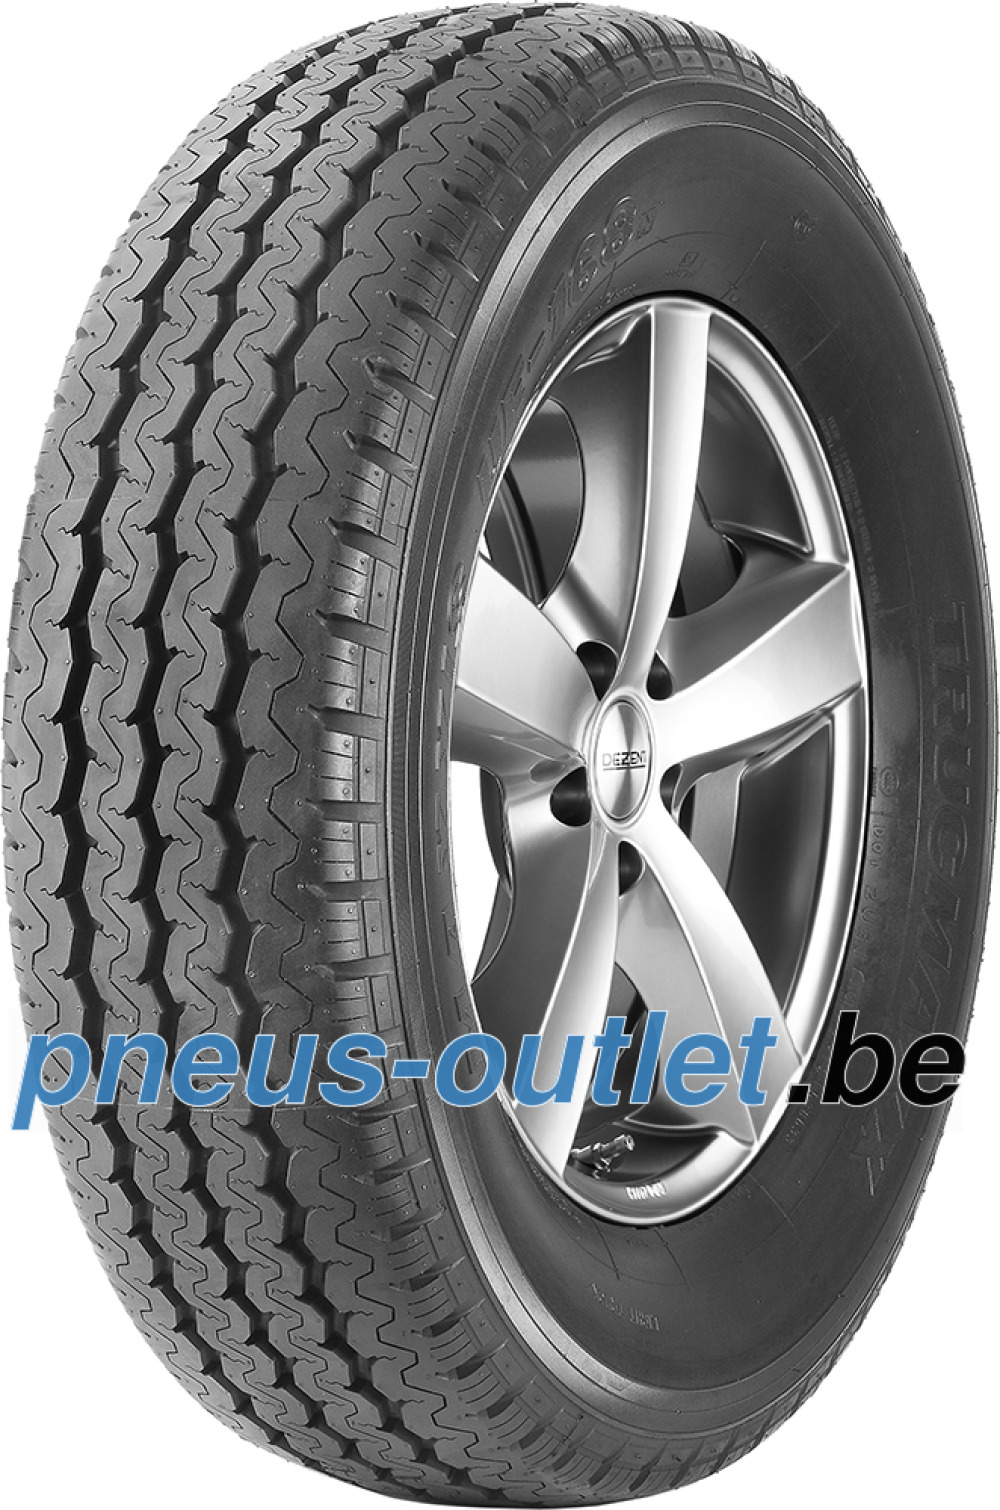 Maxxis UE 168 Trucmaxx ( 195/75 R16C 107/105R )